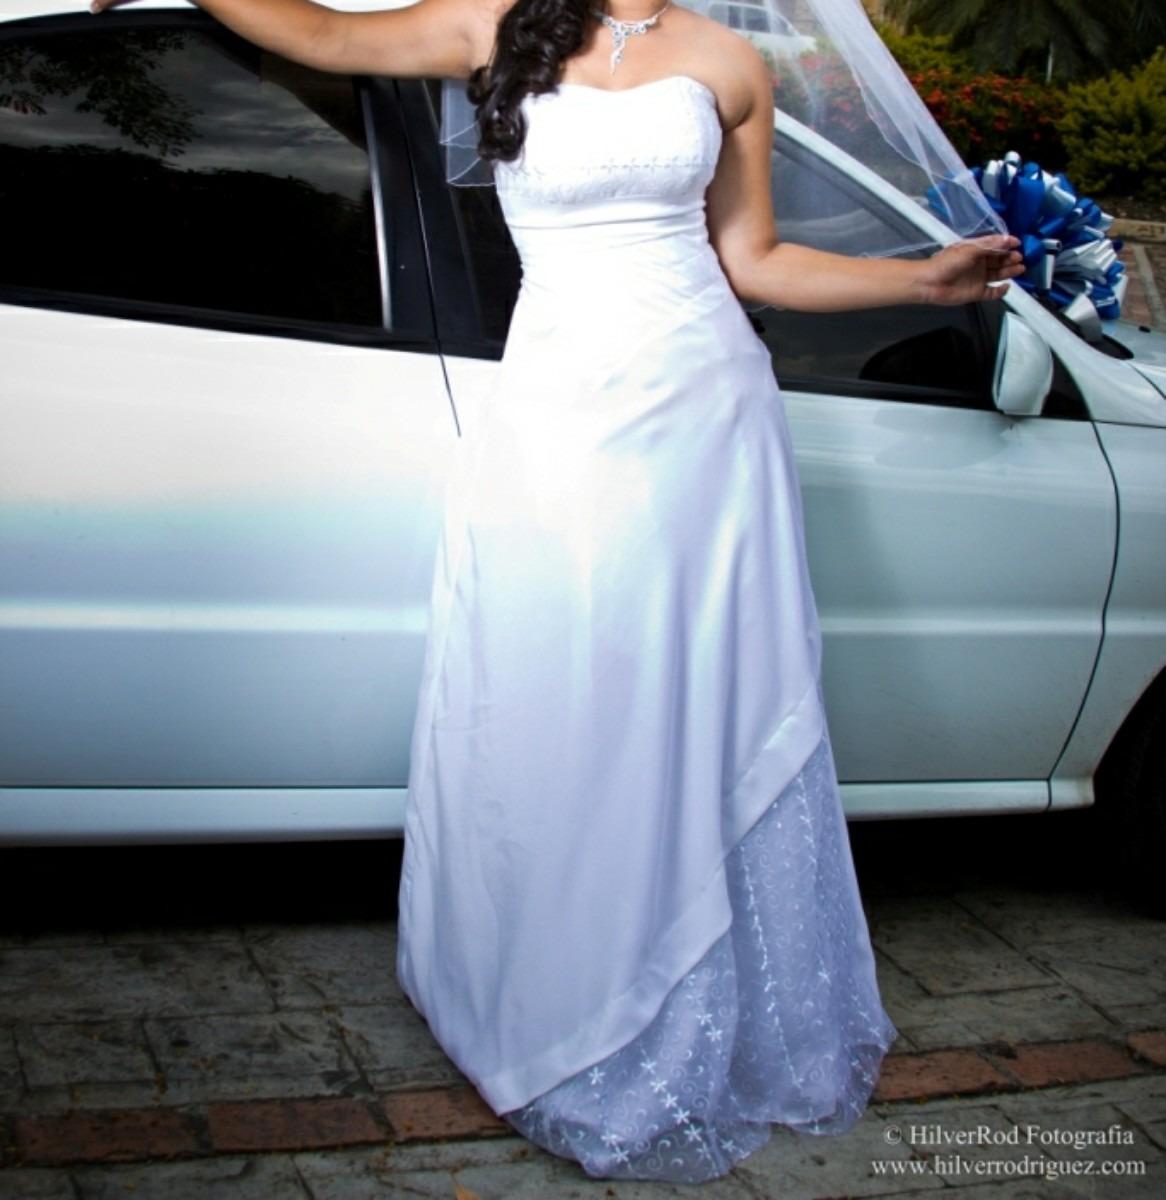 Espectacular Vestido De Novia - Bs. 7.500.000,00 en Mercado Libre